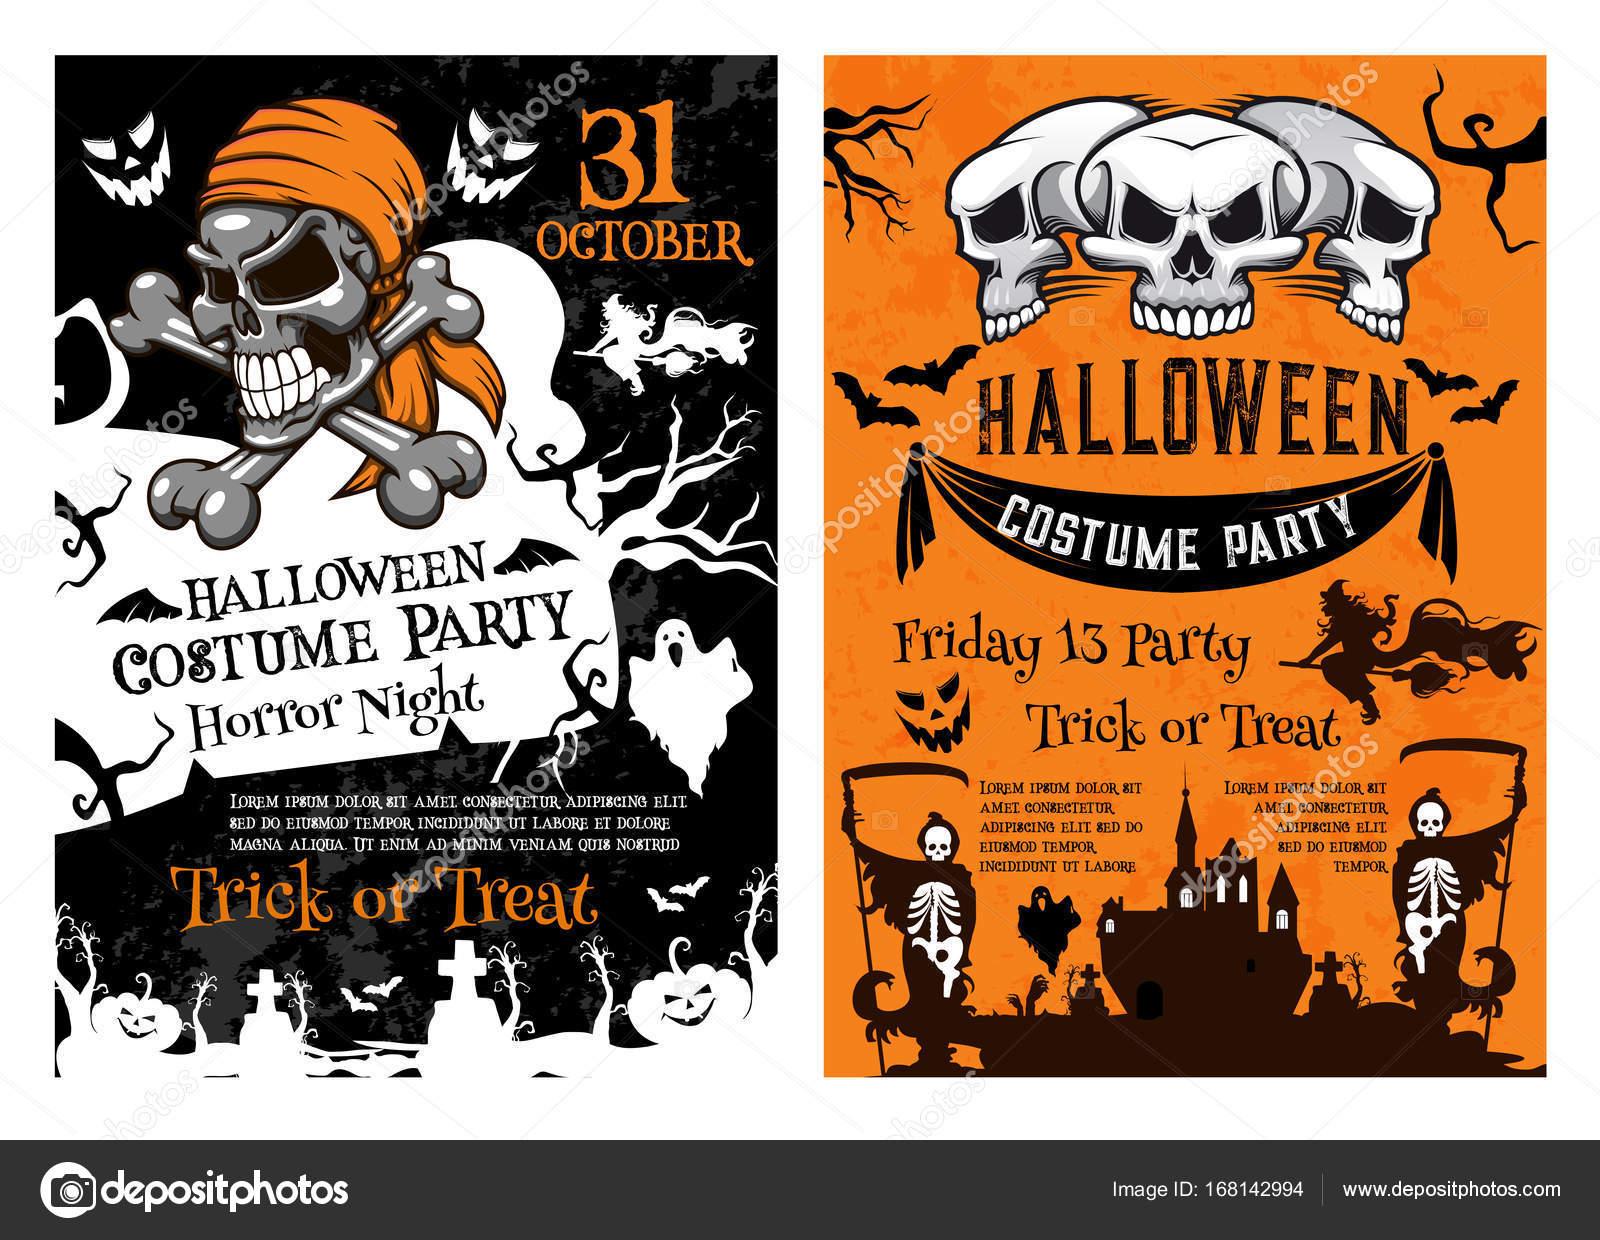 Pompoen Halloween Sjabloon.Halloween Pompoen Schedel Skelet Poster Sjabloon